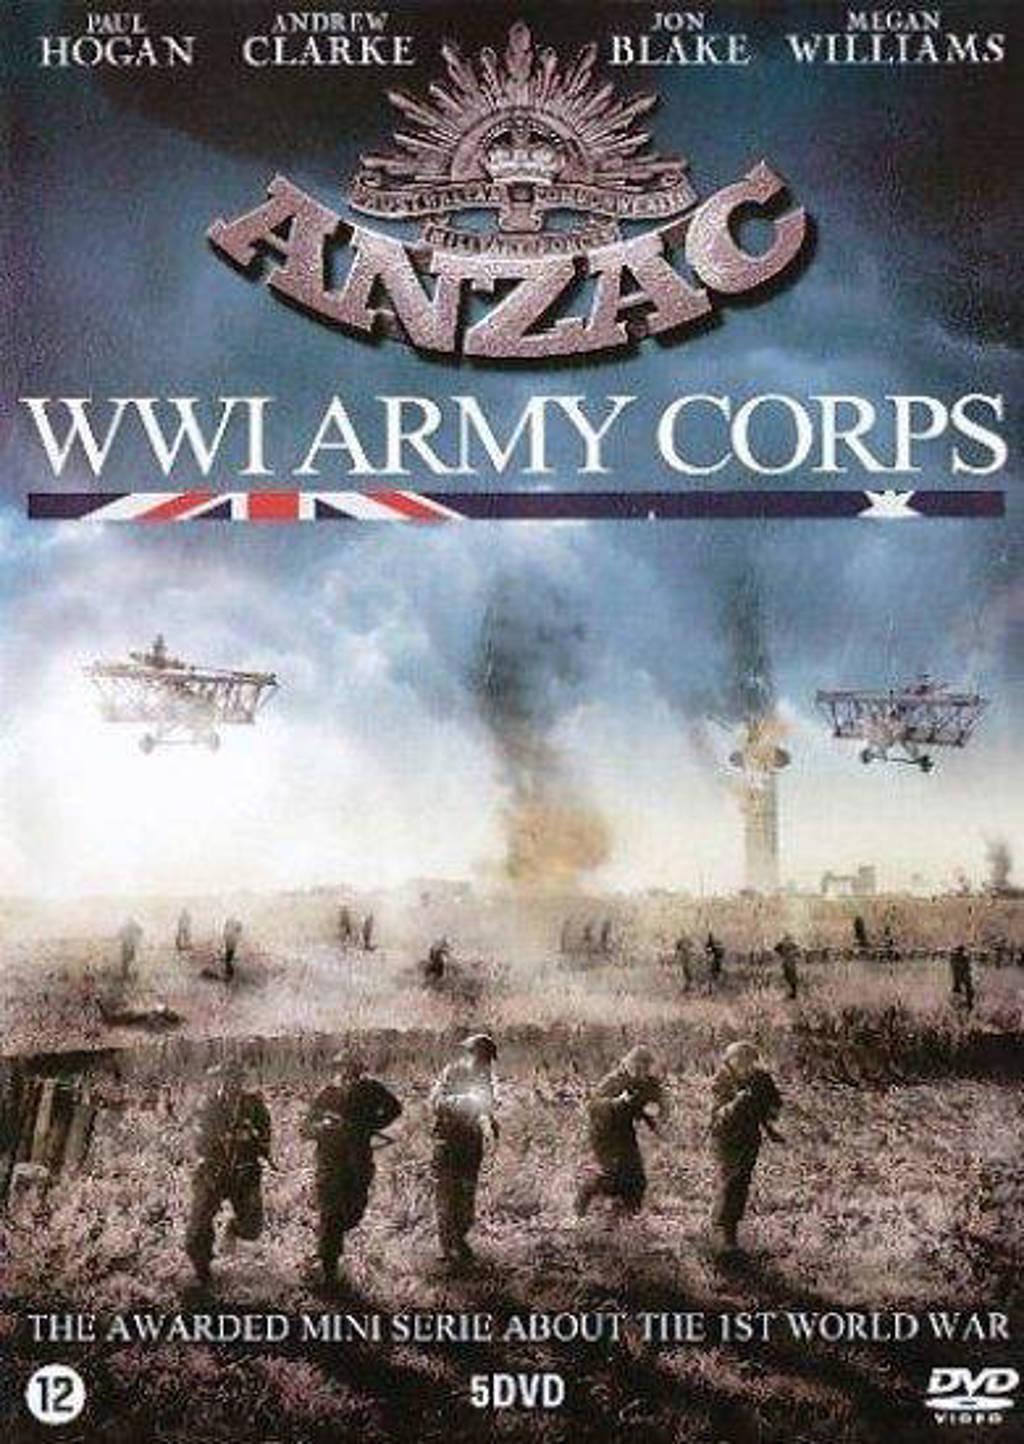 WWI army corps - Anzacs (DVD)